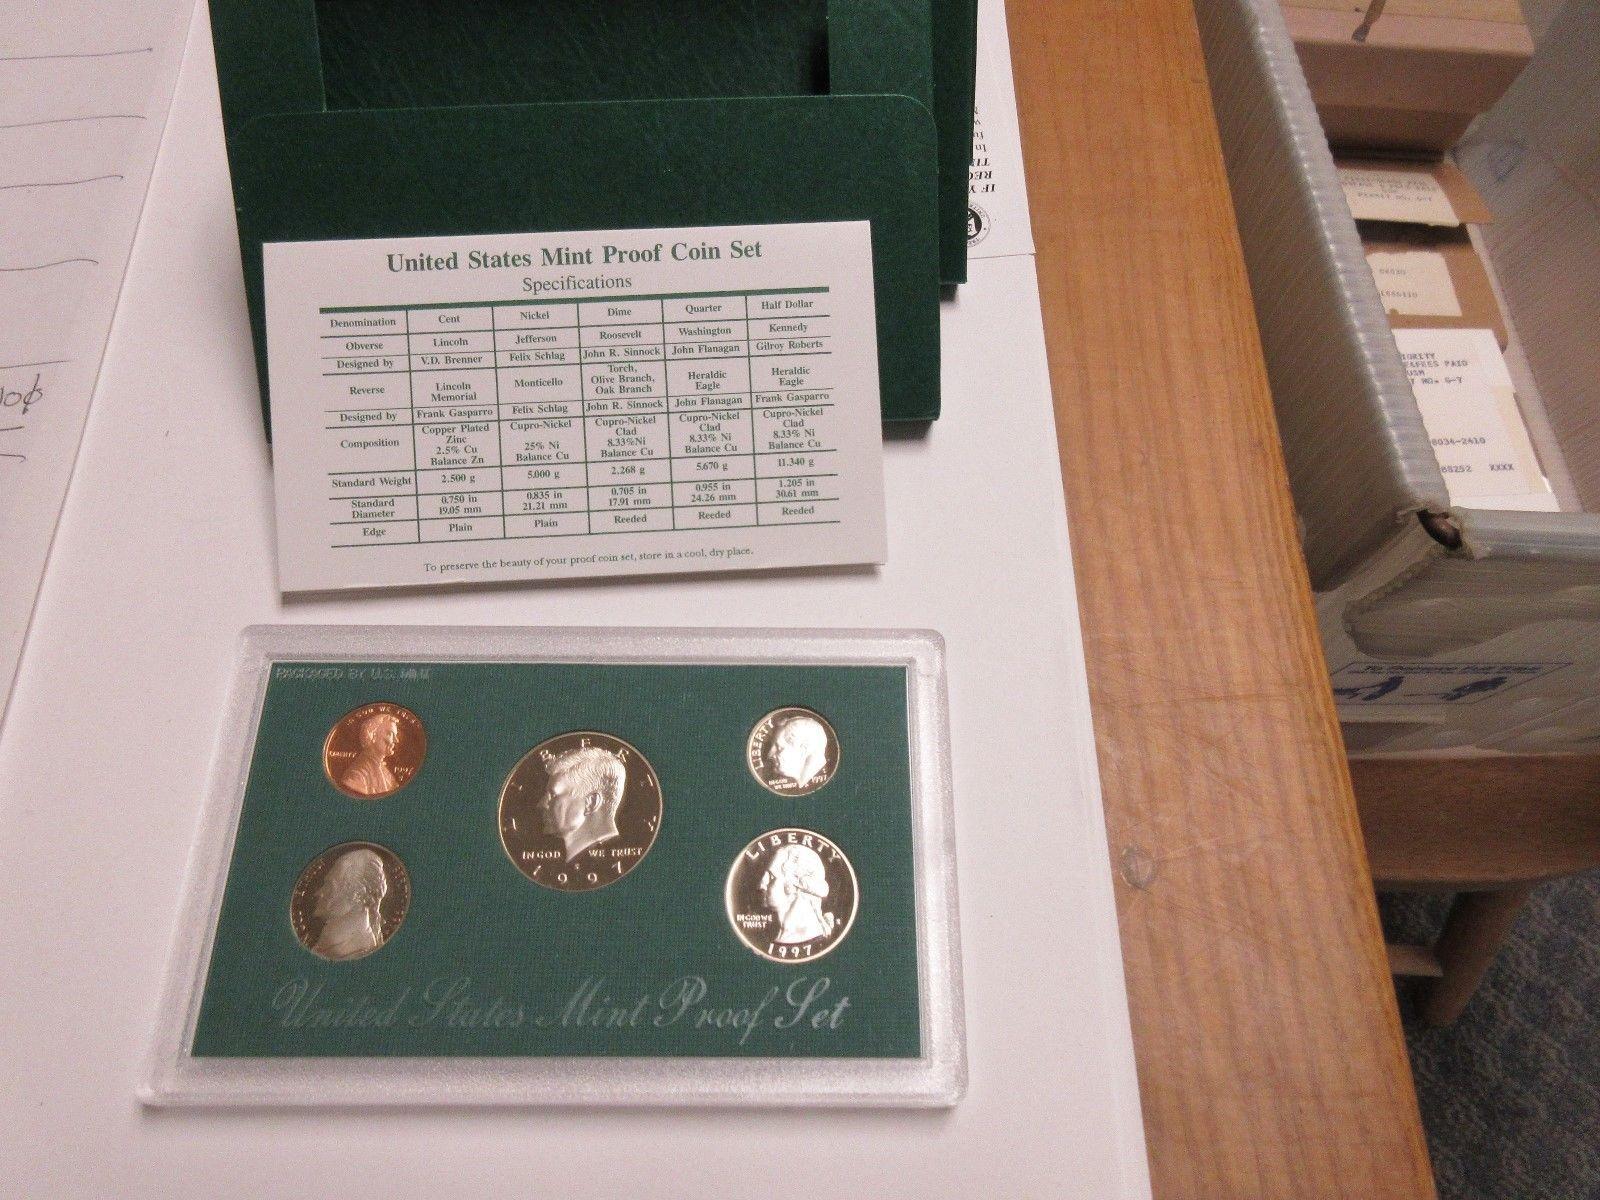 1997 United  States MInt Proof Set , Lot of 5 Sets